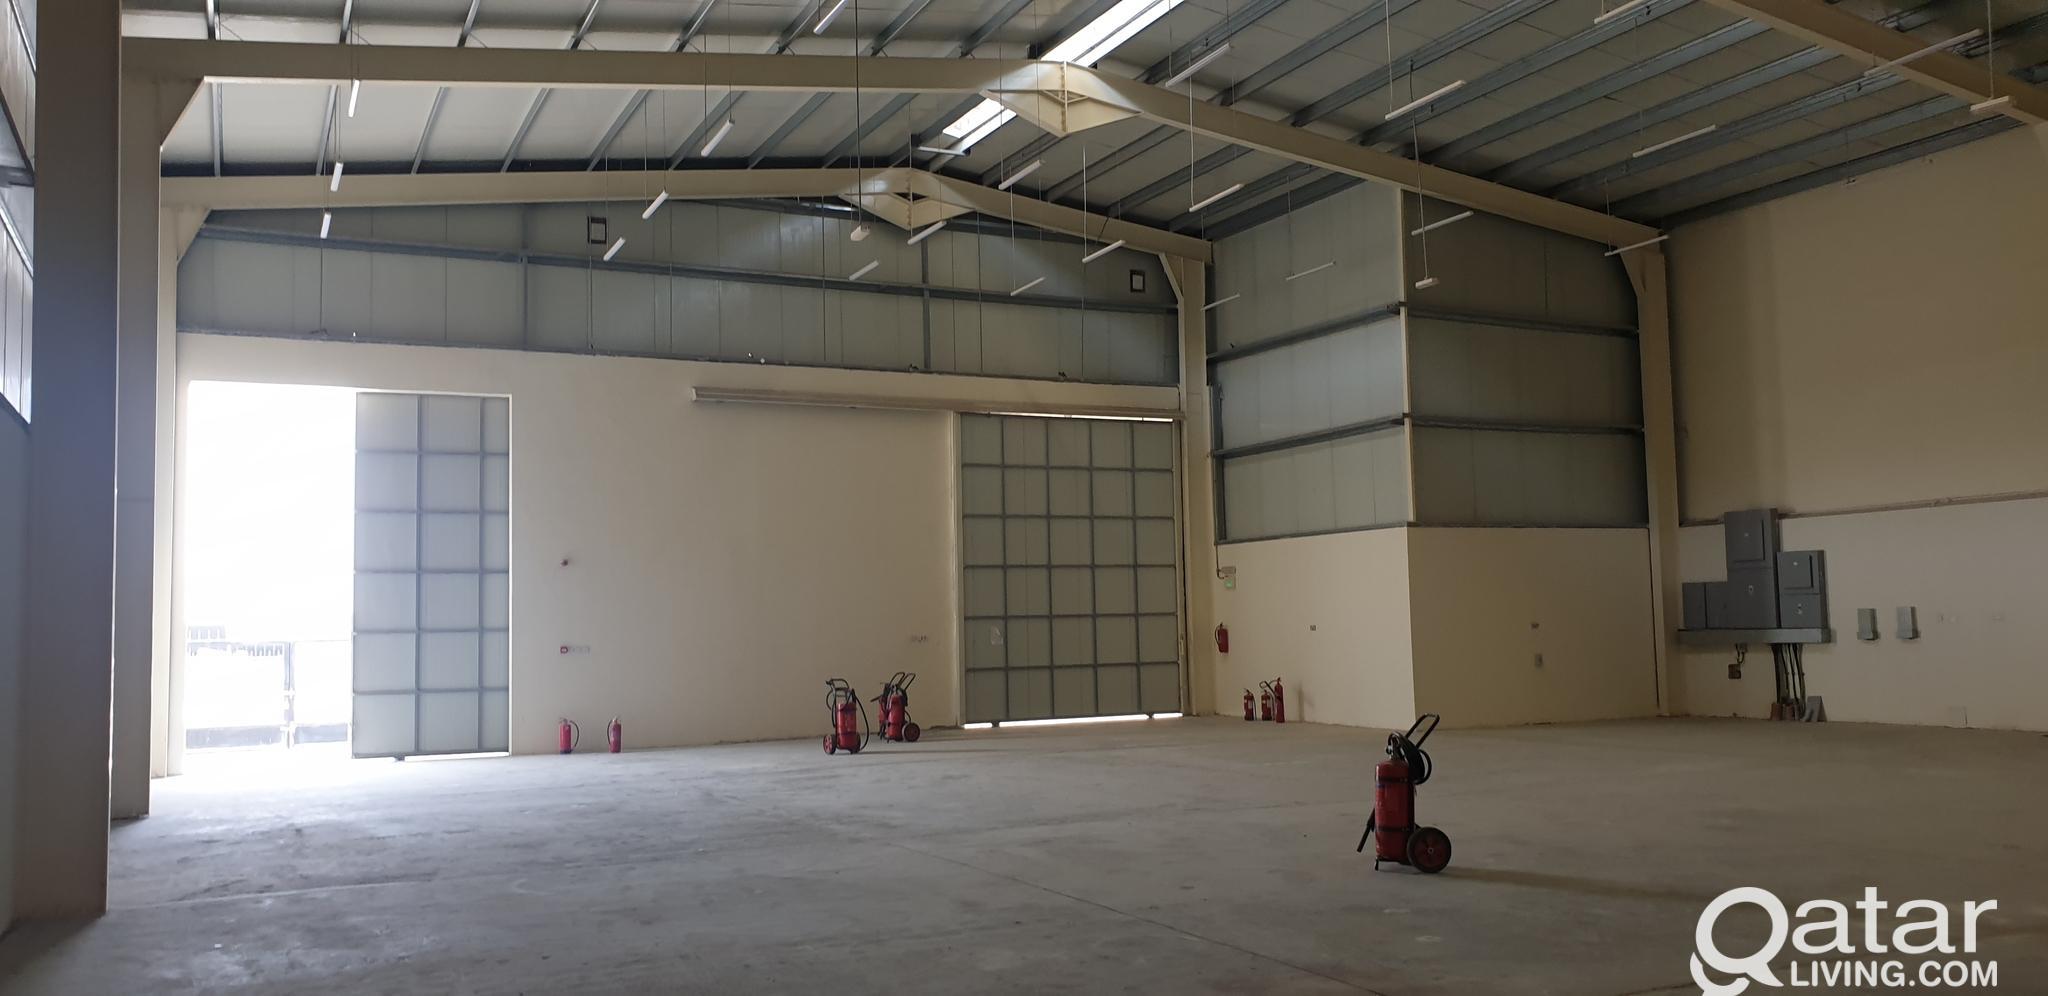 Carpentary & store FOR RENT in berkat alawameer